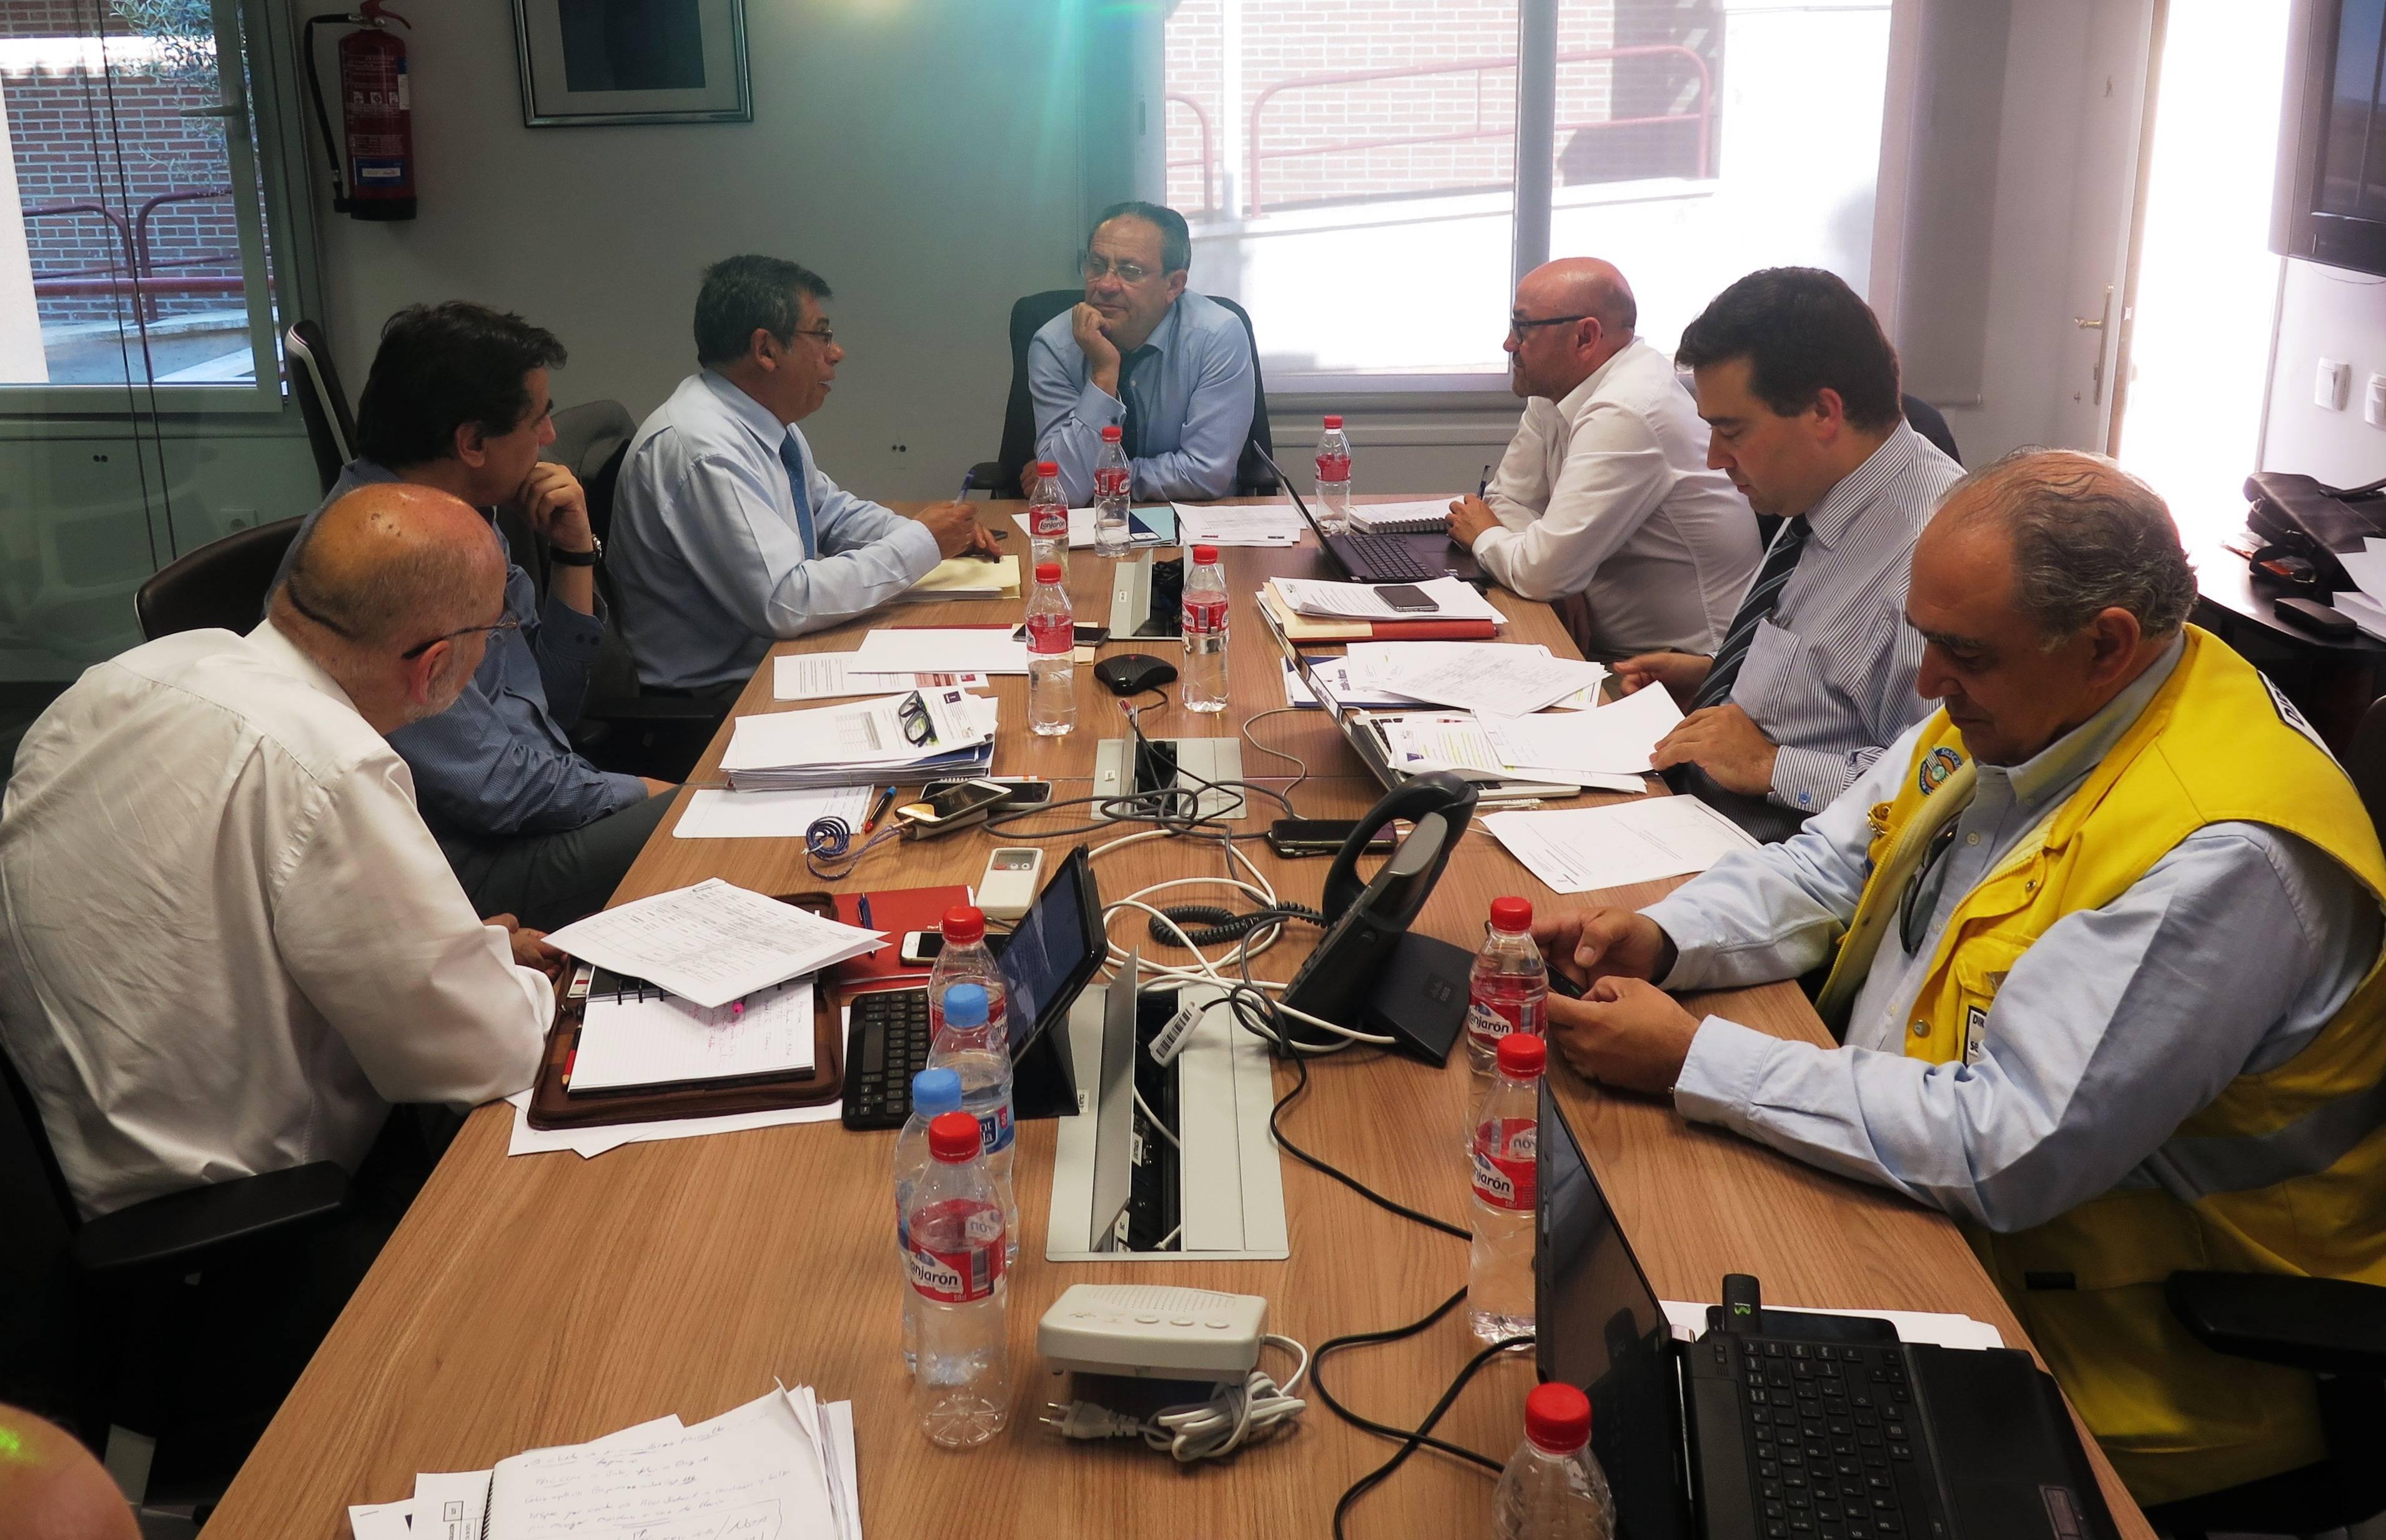 reunion sobre calidad del aire - La calidad del aire en Seseña no presenta anomalías significativas